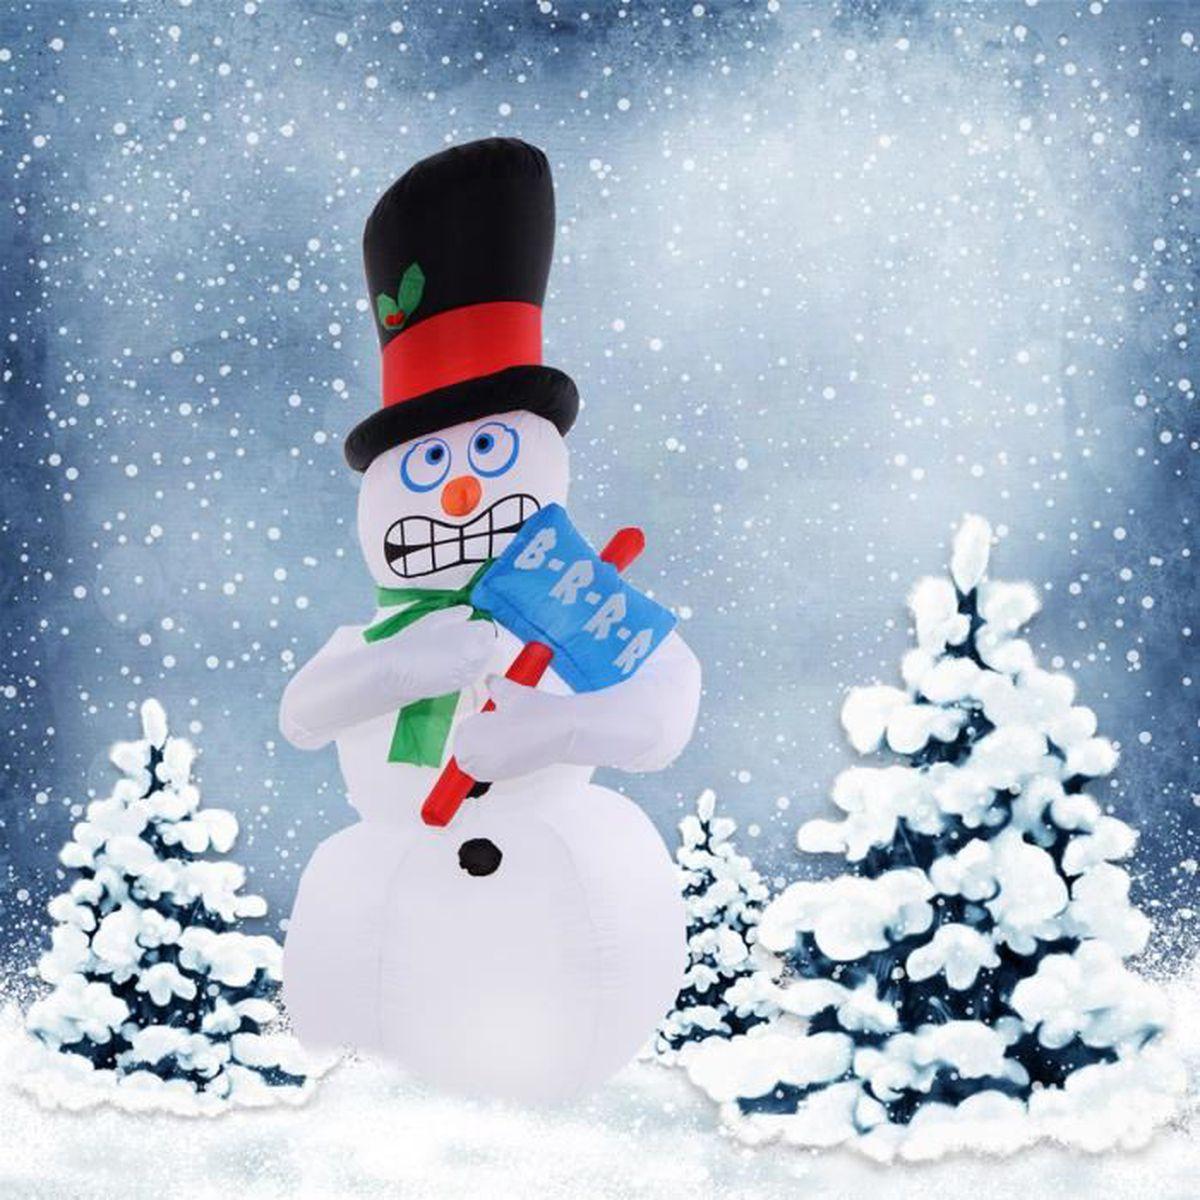 bonhomme de neige gonflable achat vente bonhomme de neige gonflable pas cher cdiscount. Black Bedroom Furniture Sets. Home Design Ideas